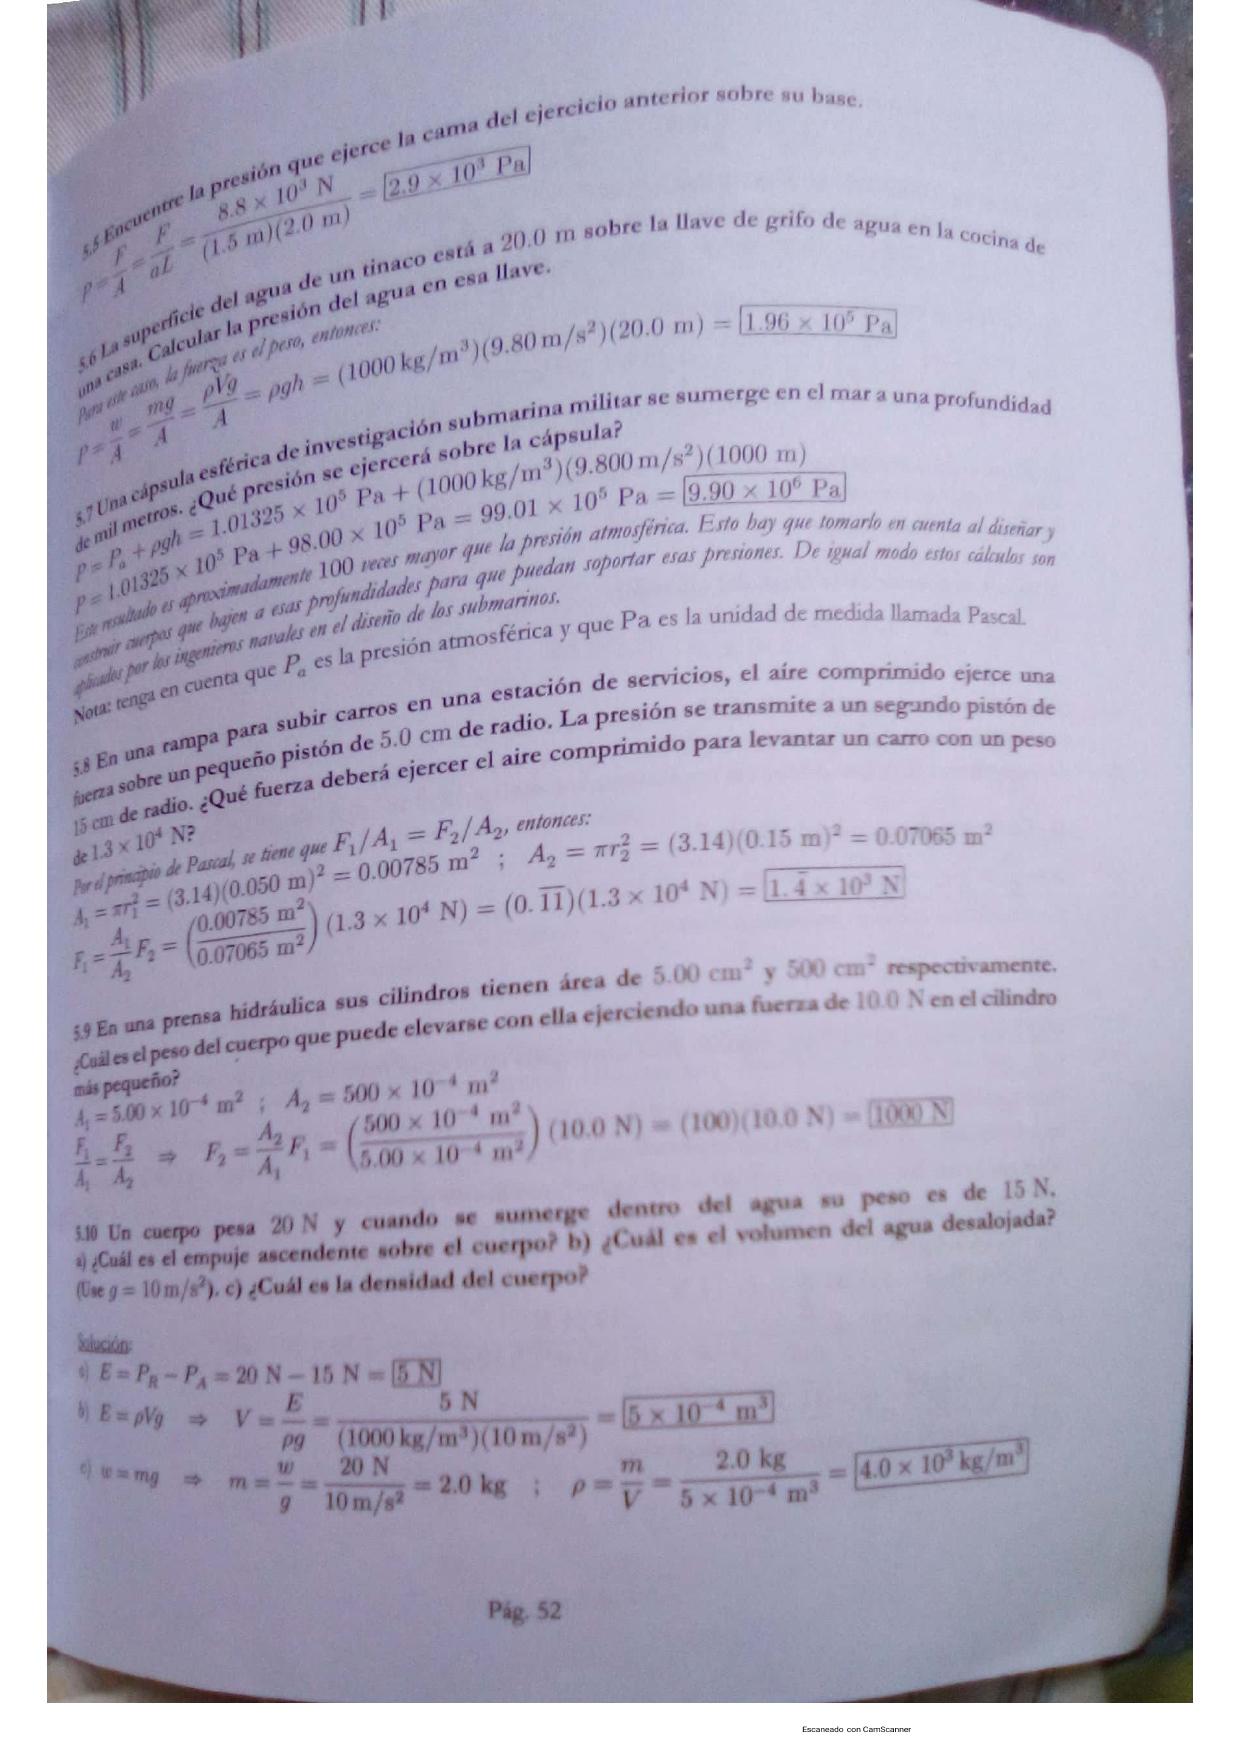 cuaderno-de-trabajo-f-sica-b-sica-page-0052